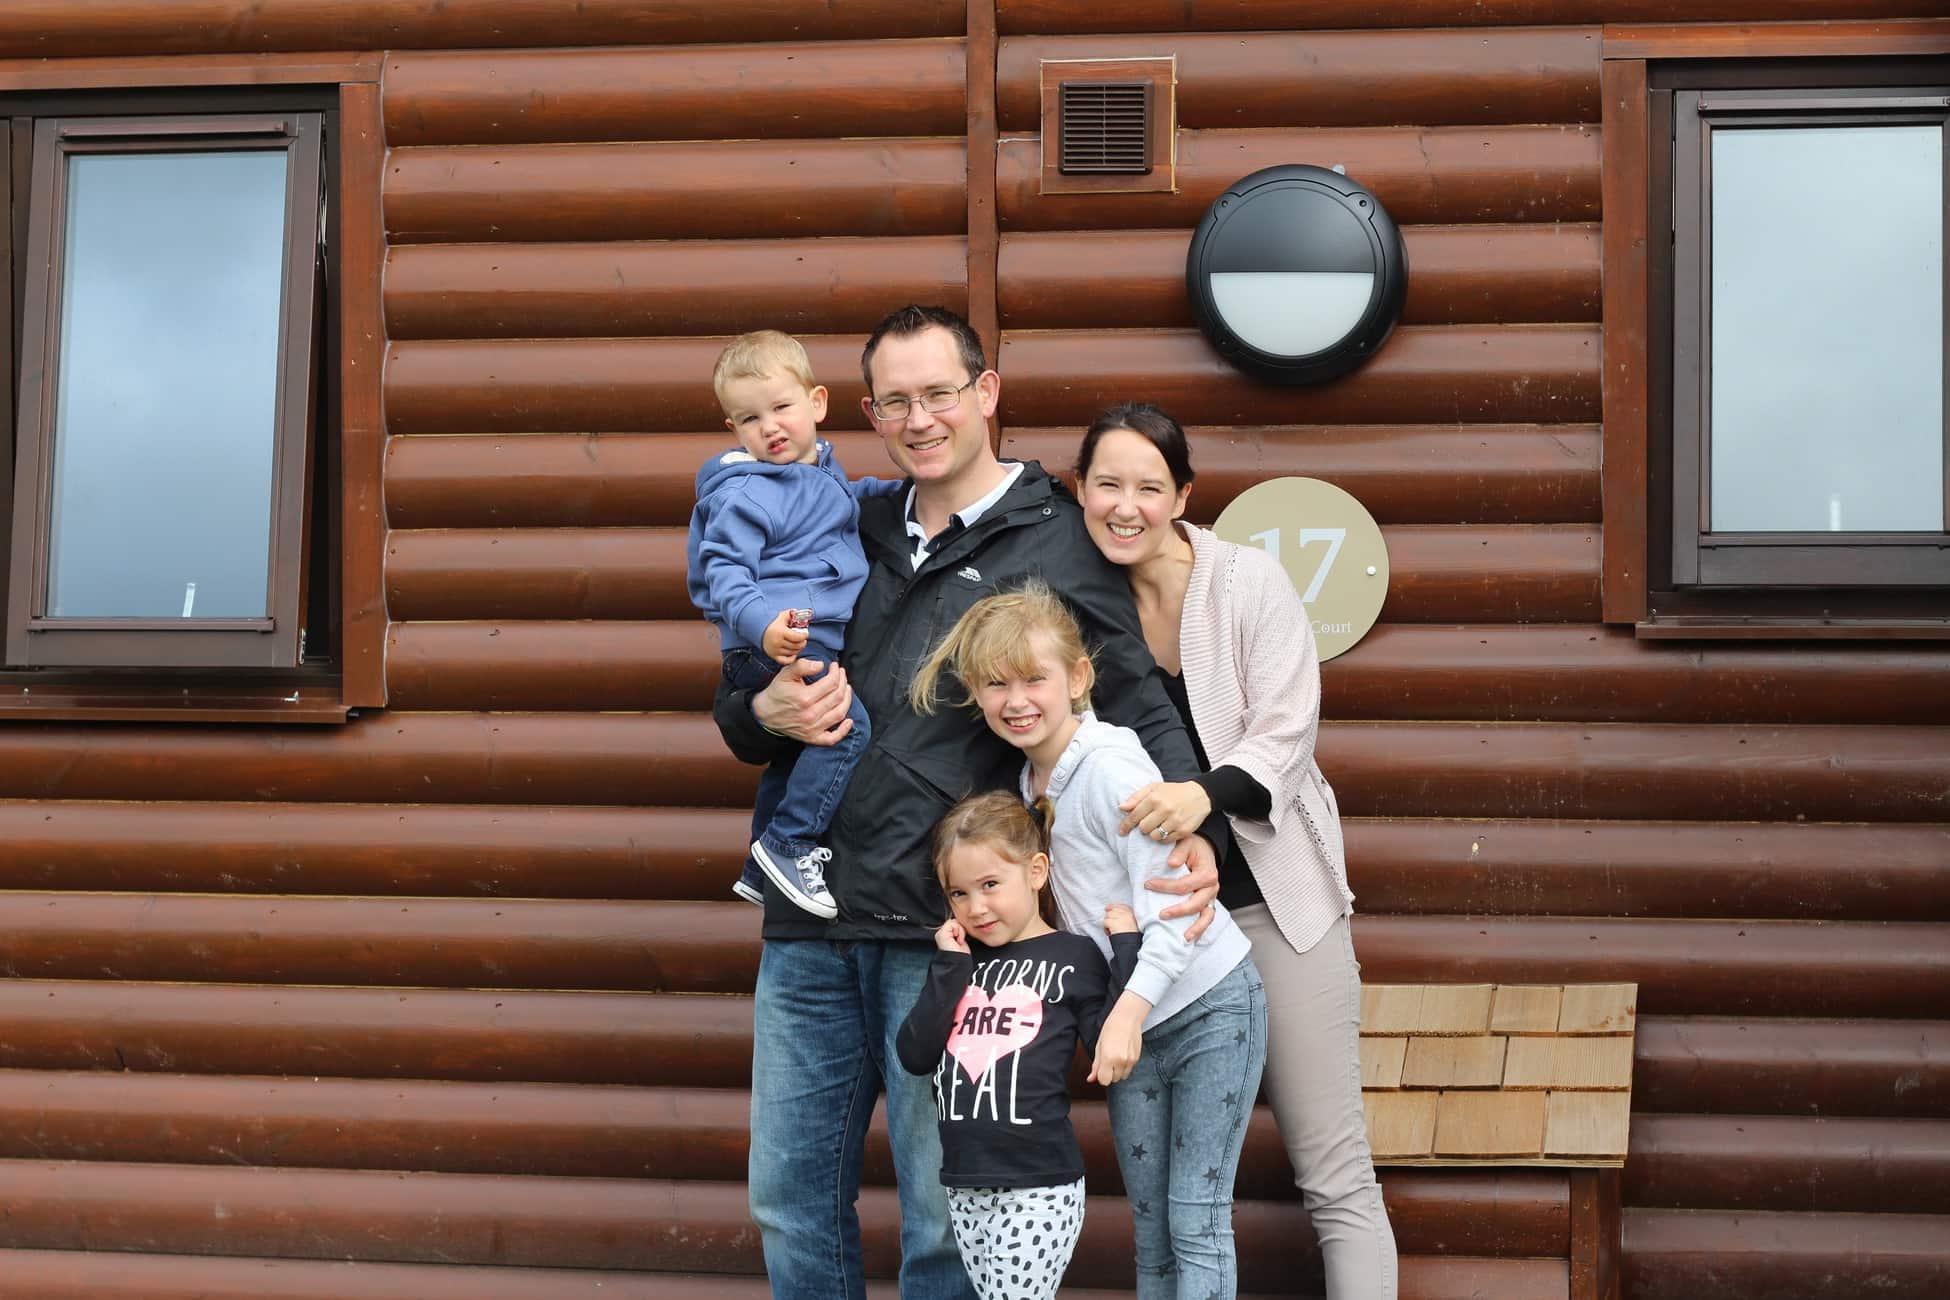 family photo may 2016